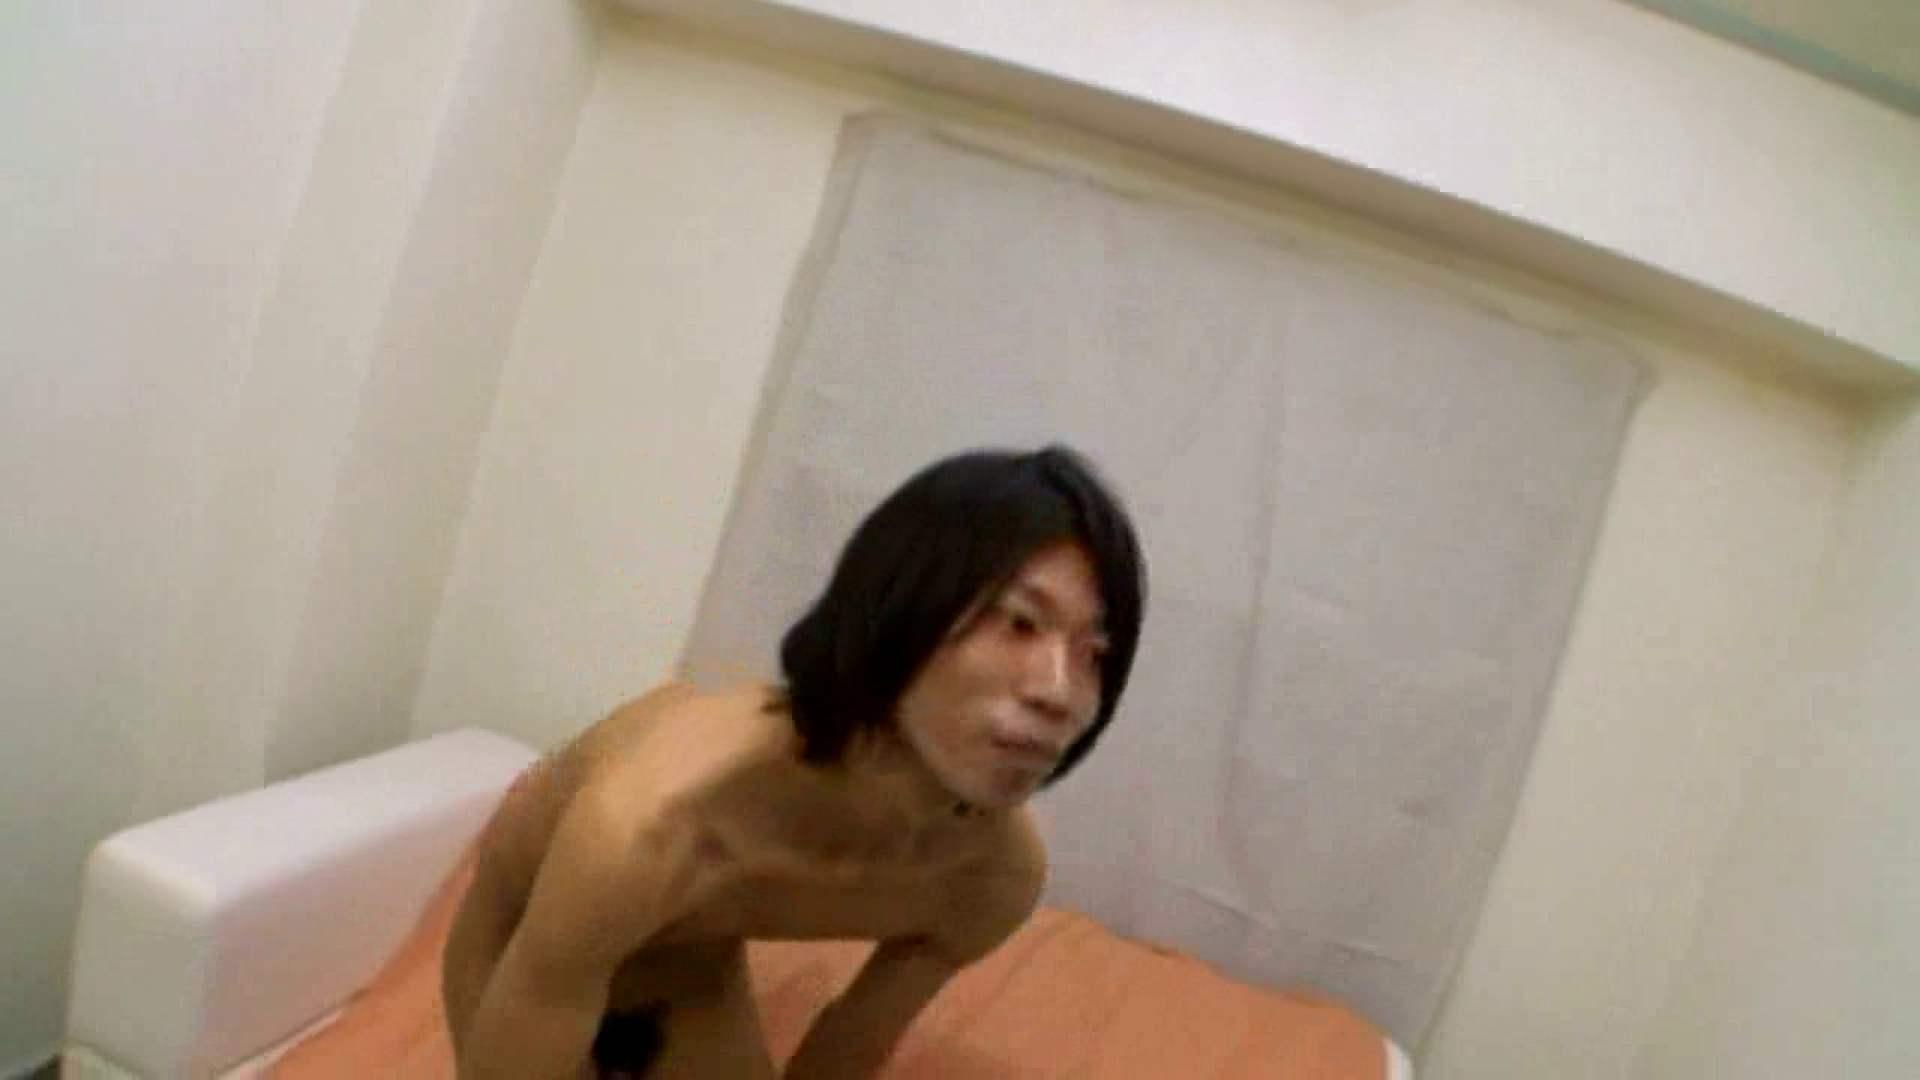 ノンケ!自慰スタジオ No.36 ハメ撮り特集 ゲイモロ画像 104枚 78